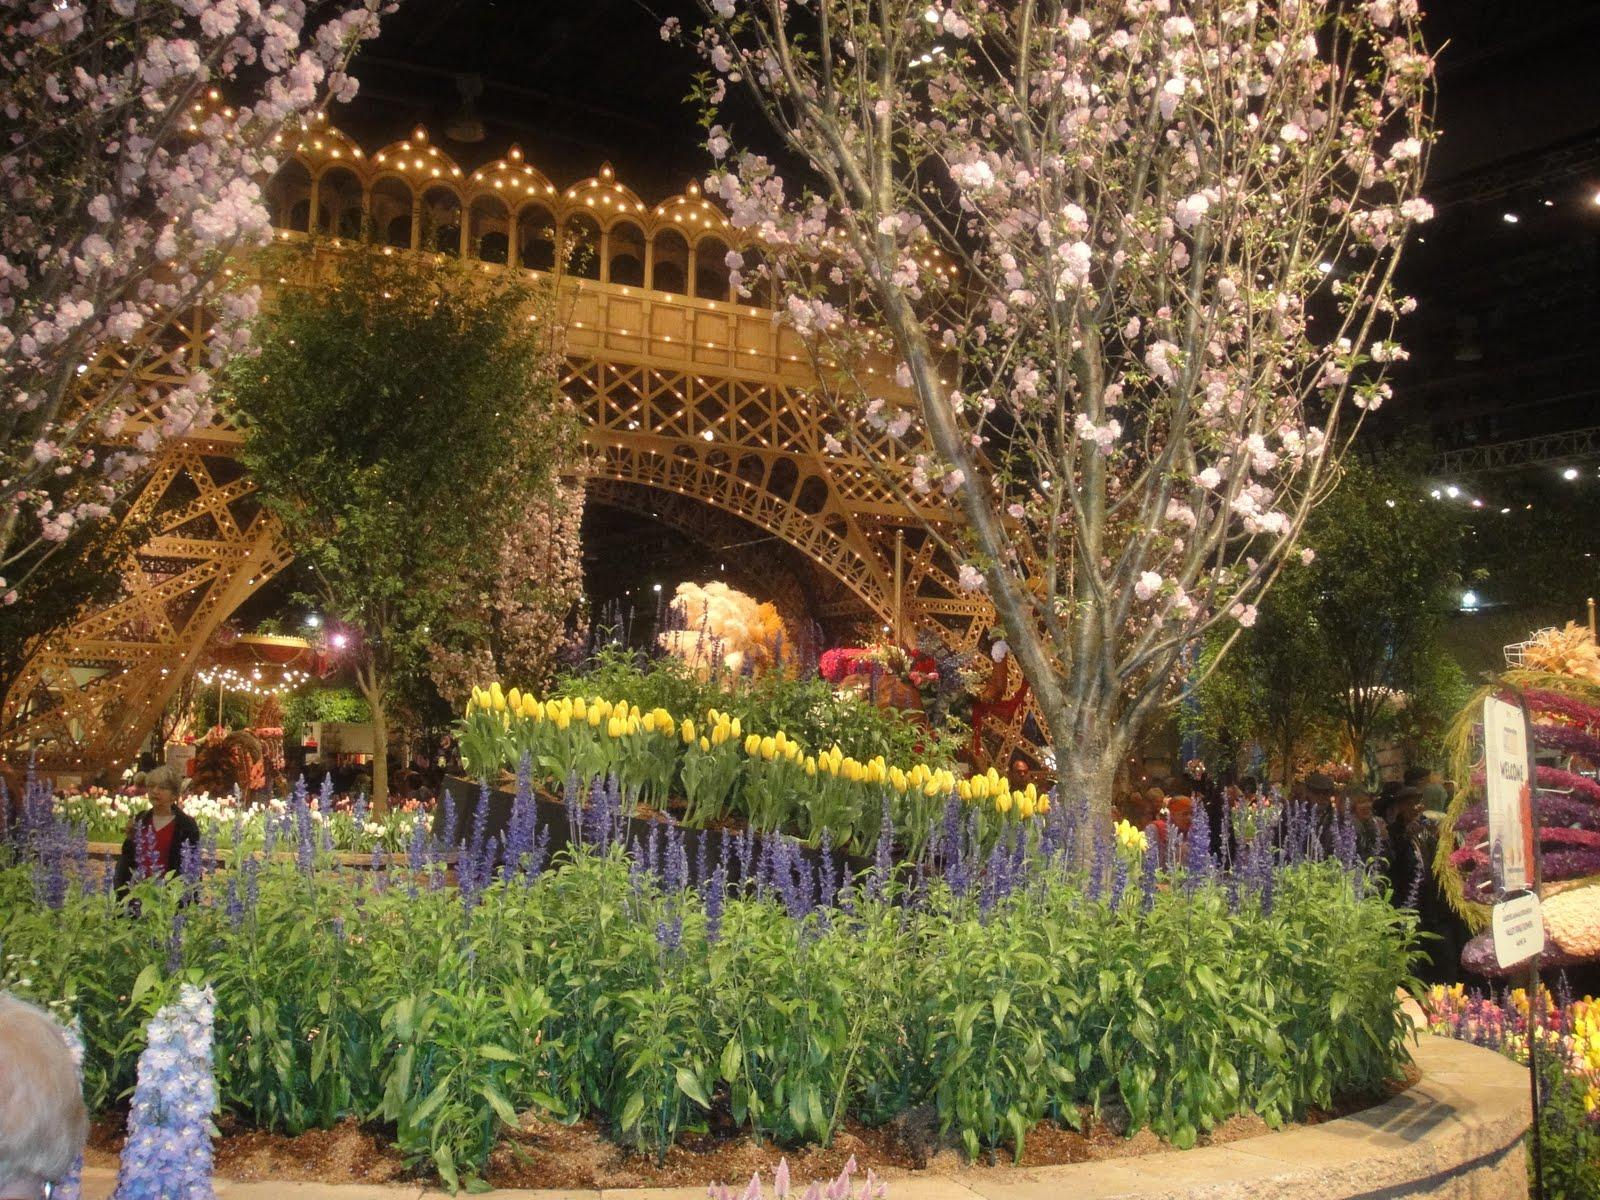 2011 Philadelphia International Flower Show